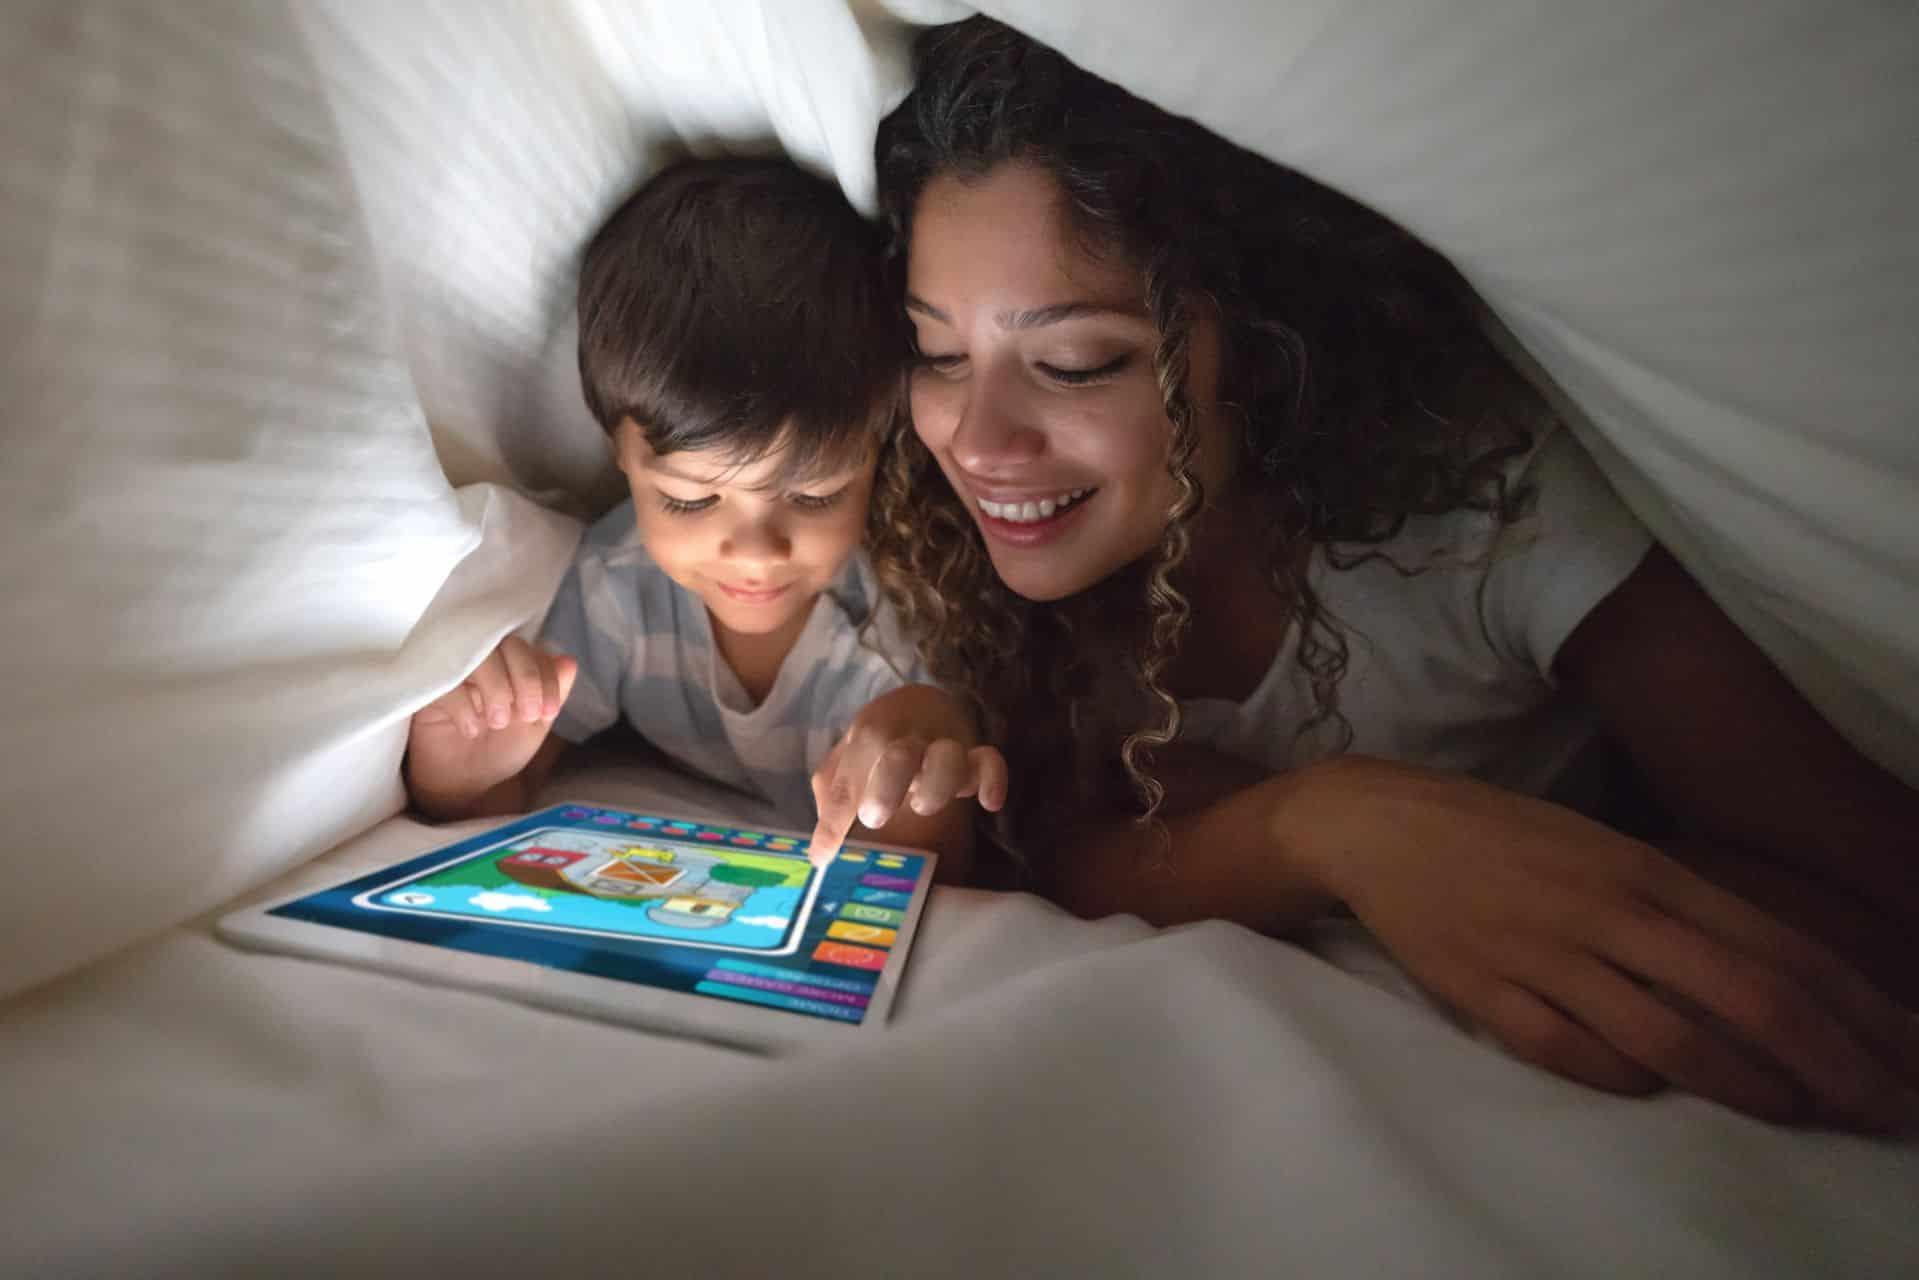 Schermtijd bij jonge gezinnen: 'Onze kinderen worden soms in dat scherm gezogen'